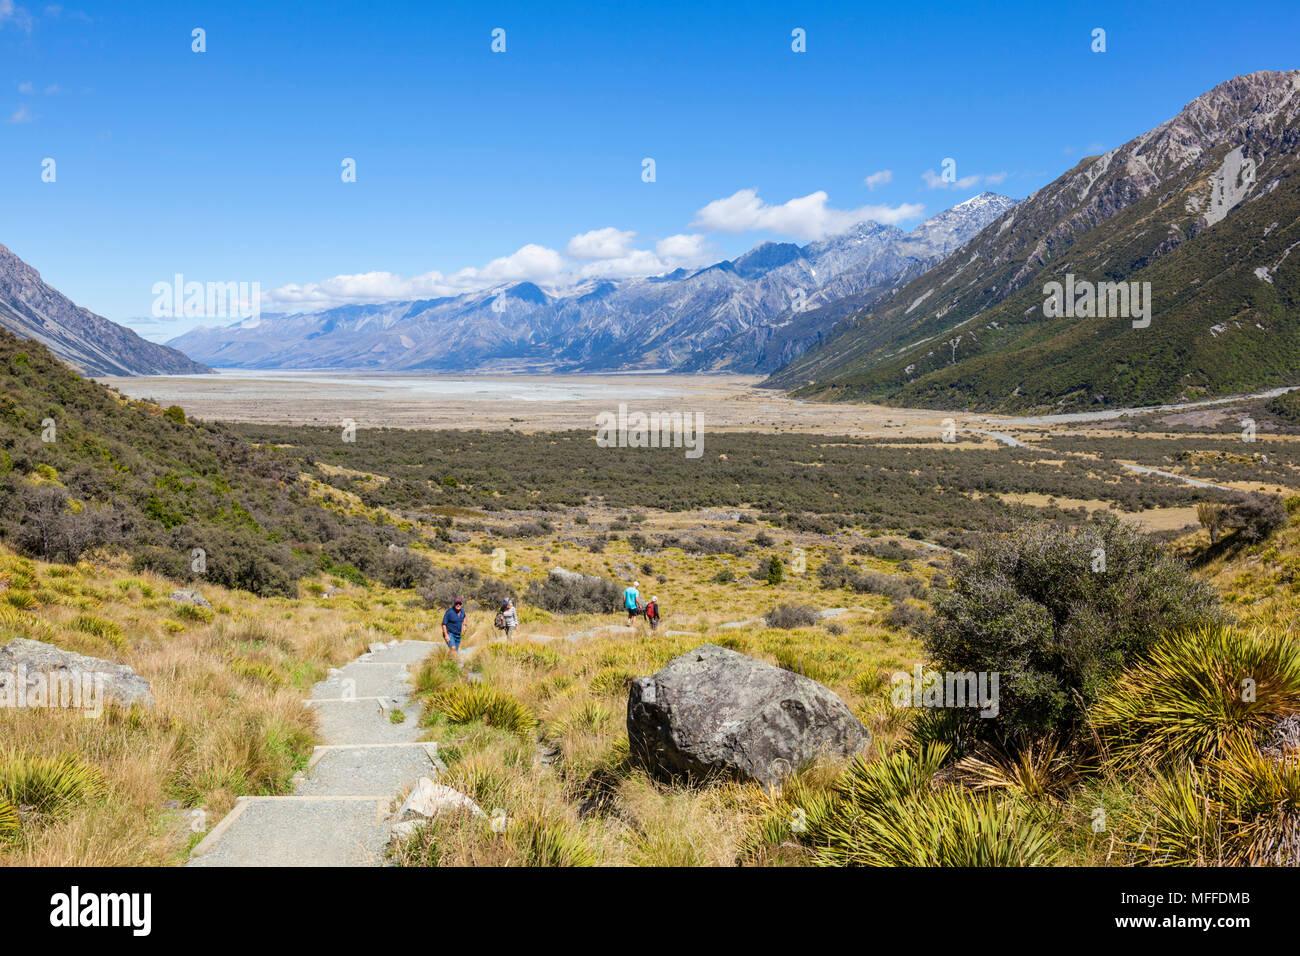 Parc national du mont Cook boardwalk chemin vers le glacier de Tasman nouvelle zélande ile sud Nouvelle zelande Photo Stock